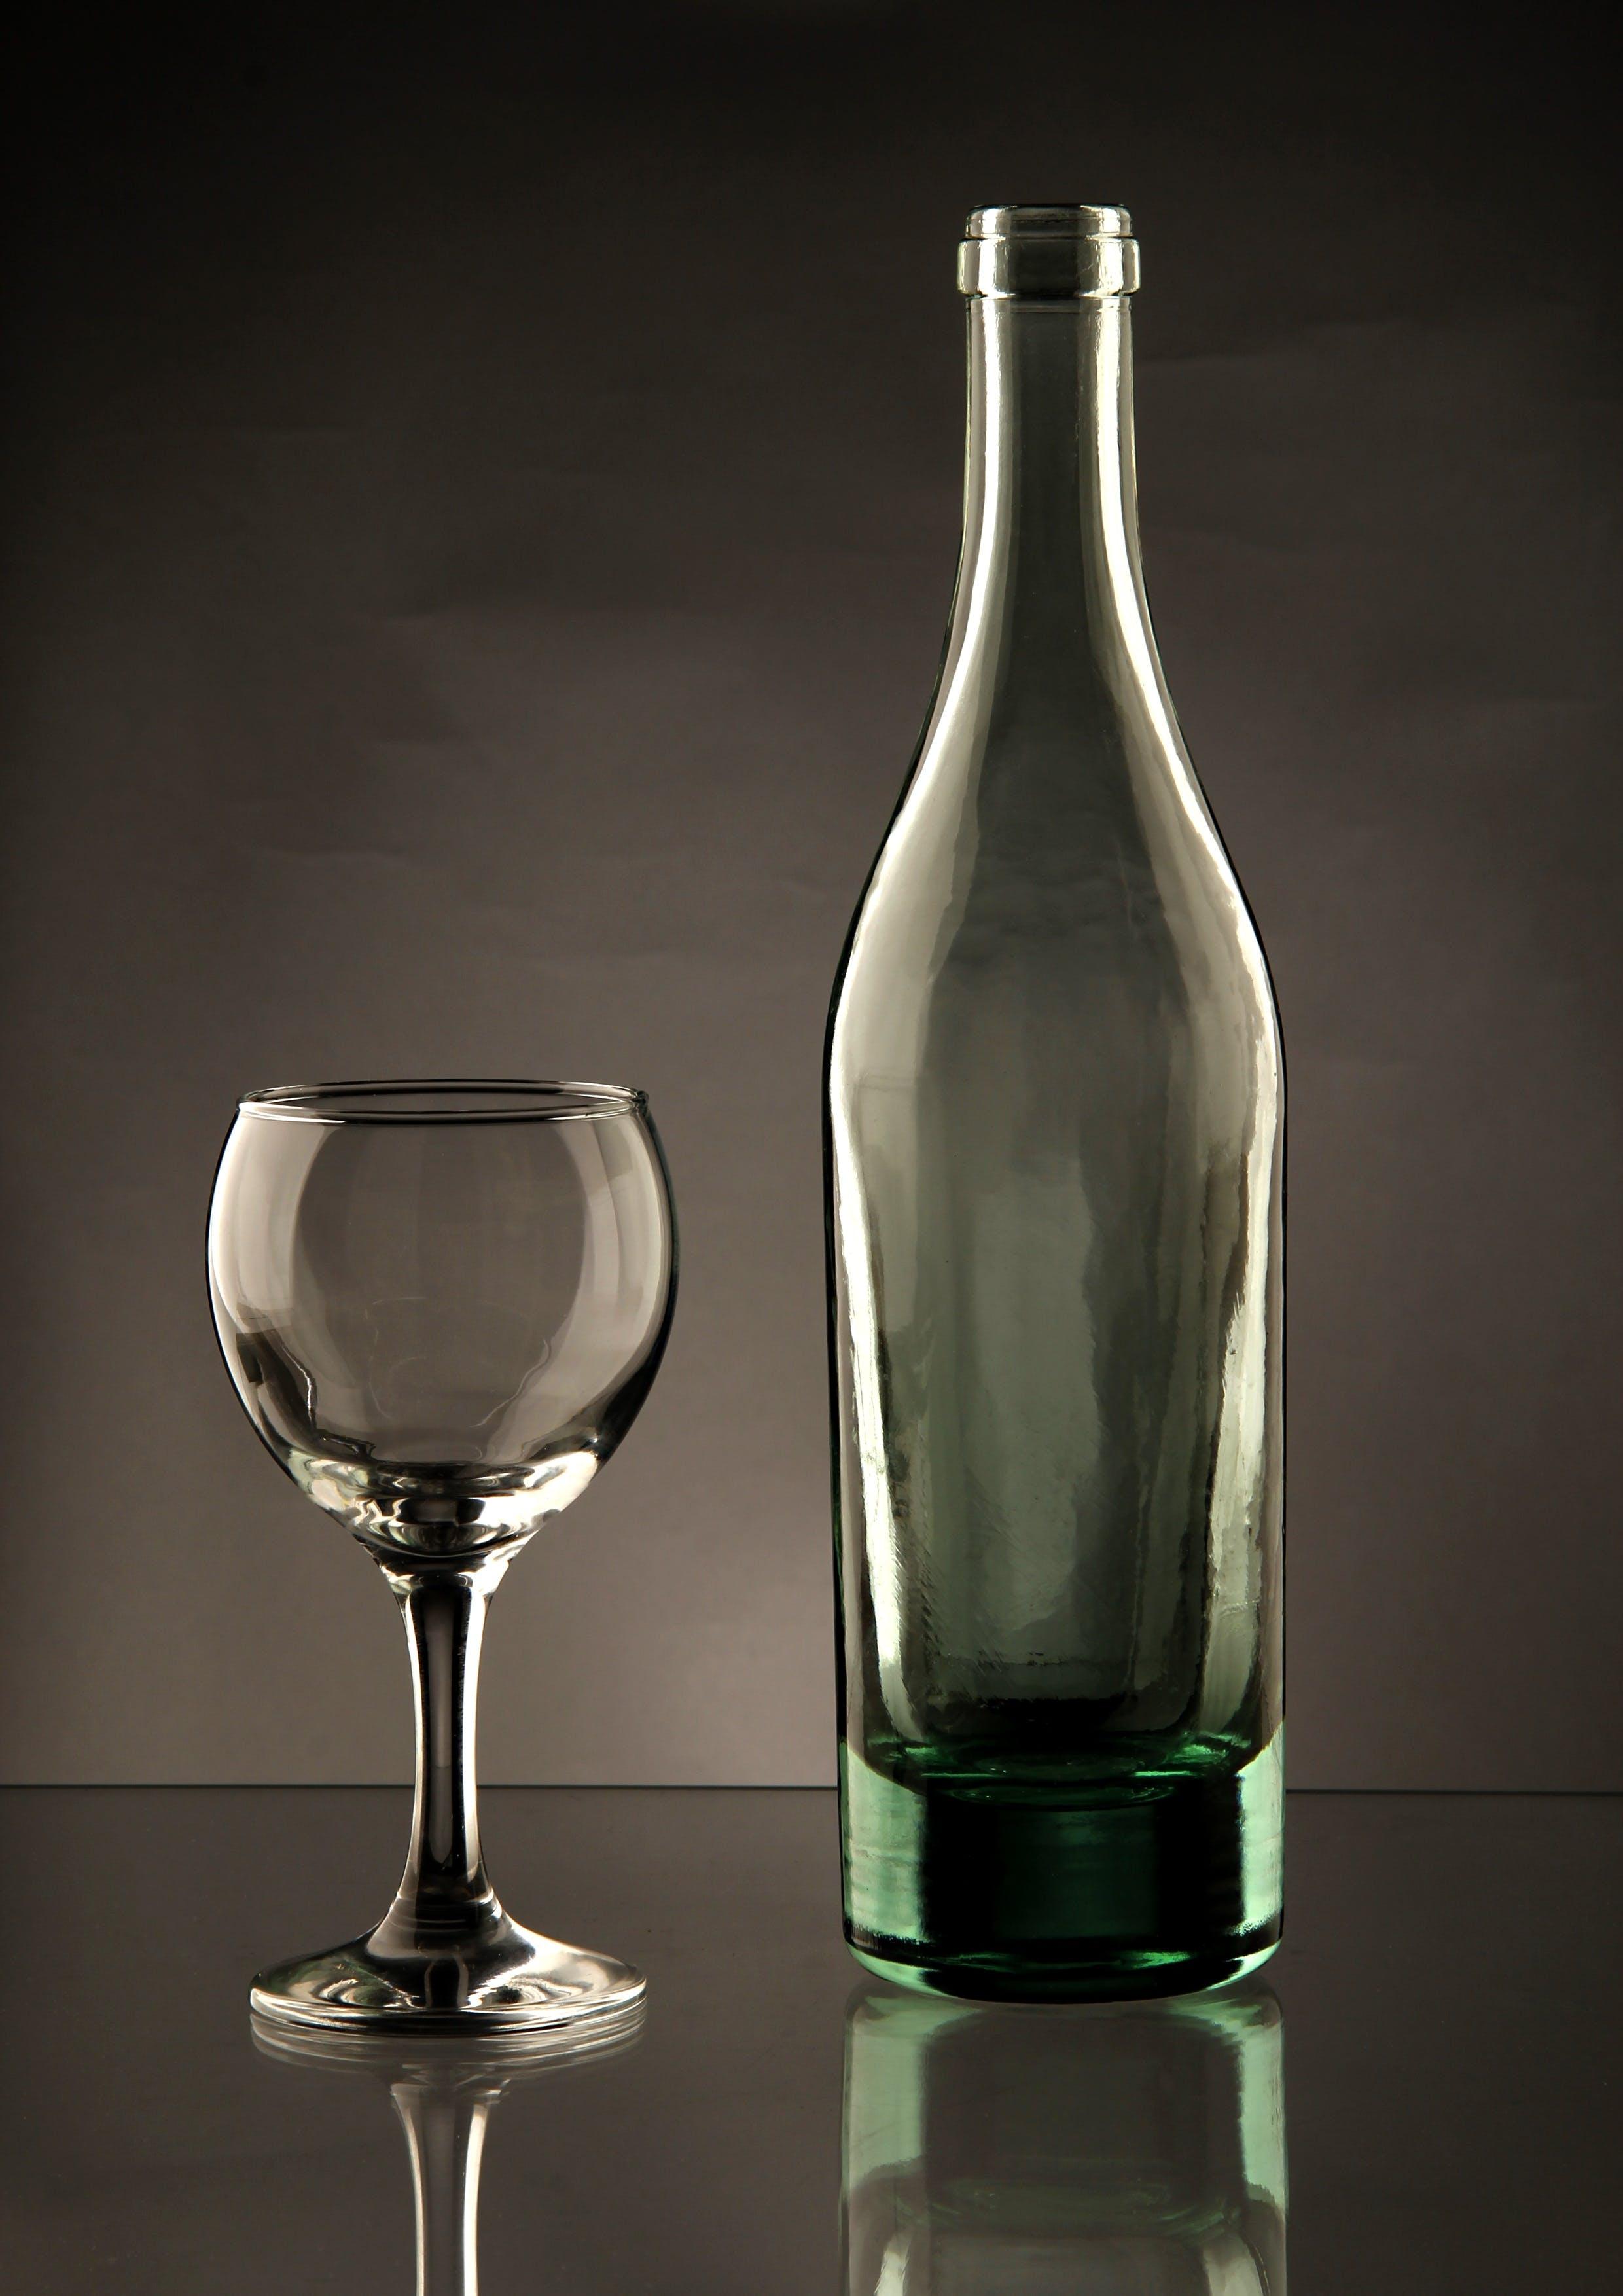 Clear Glass Bottle Beside Wine Glass